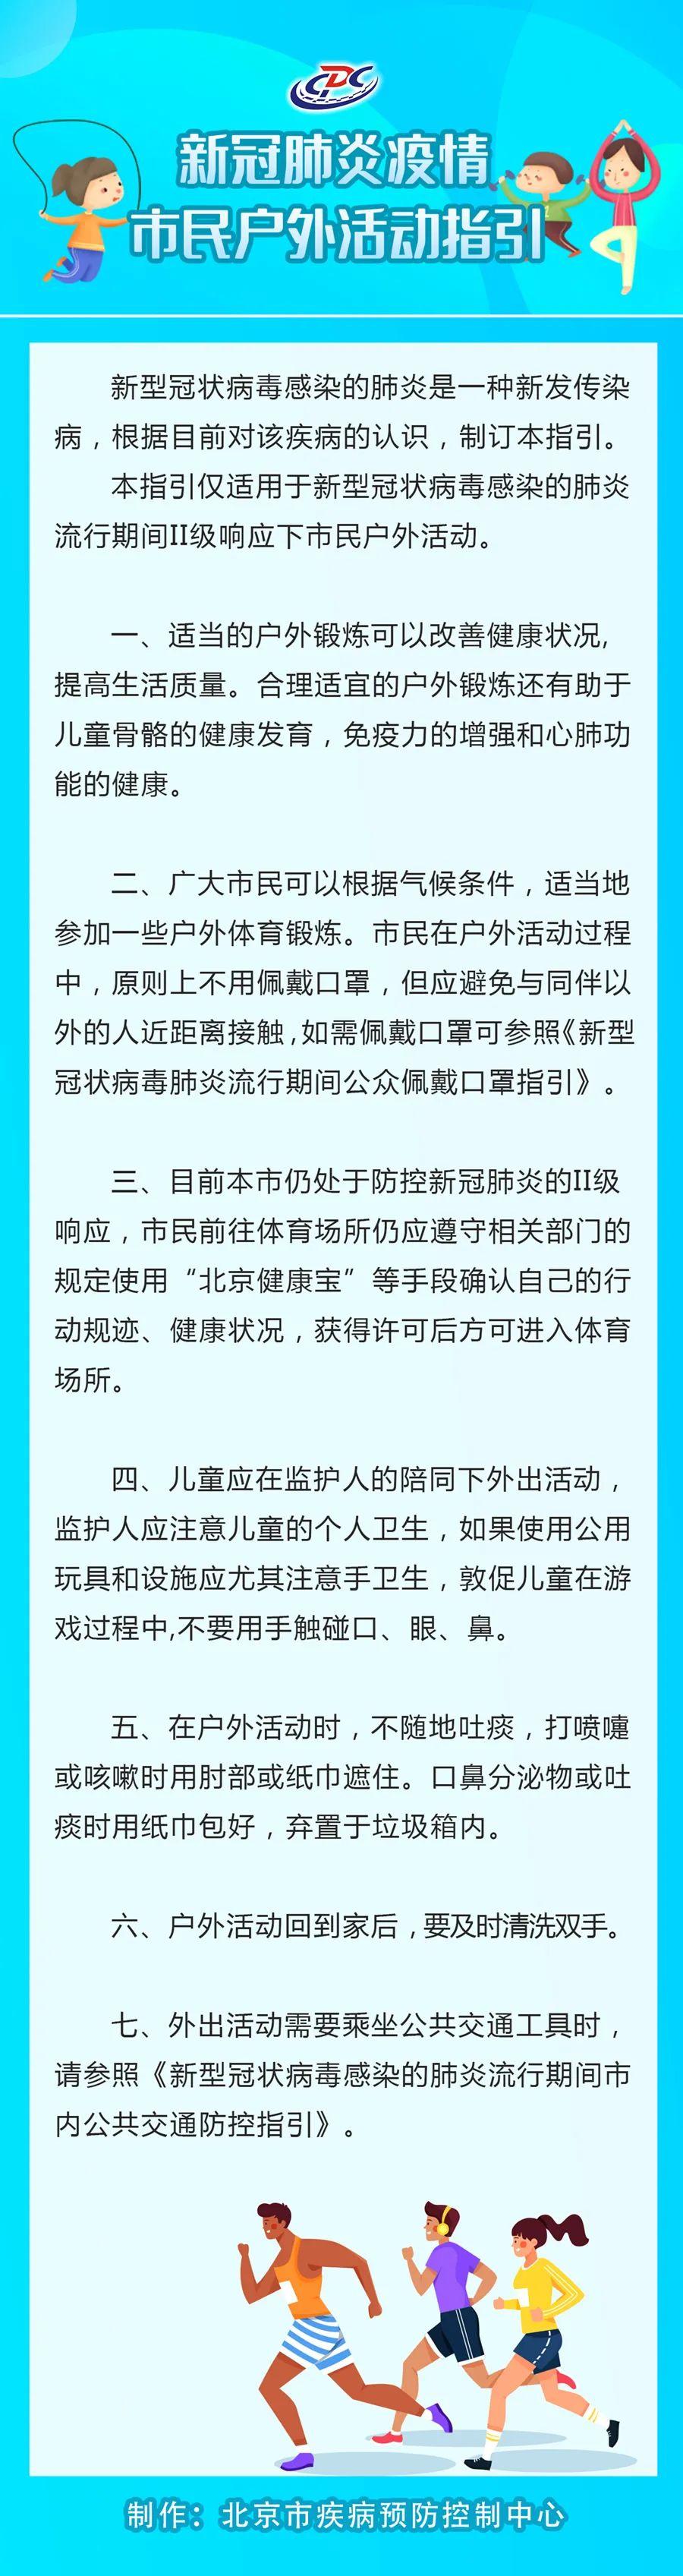 北京疾控中心:市民在户外活动时原则上不用佩戴口罩图片